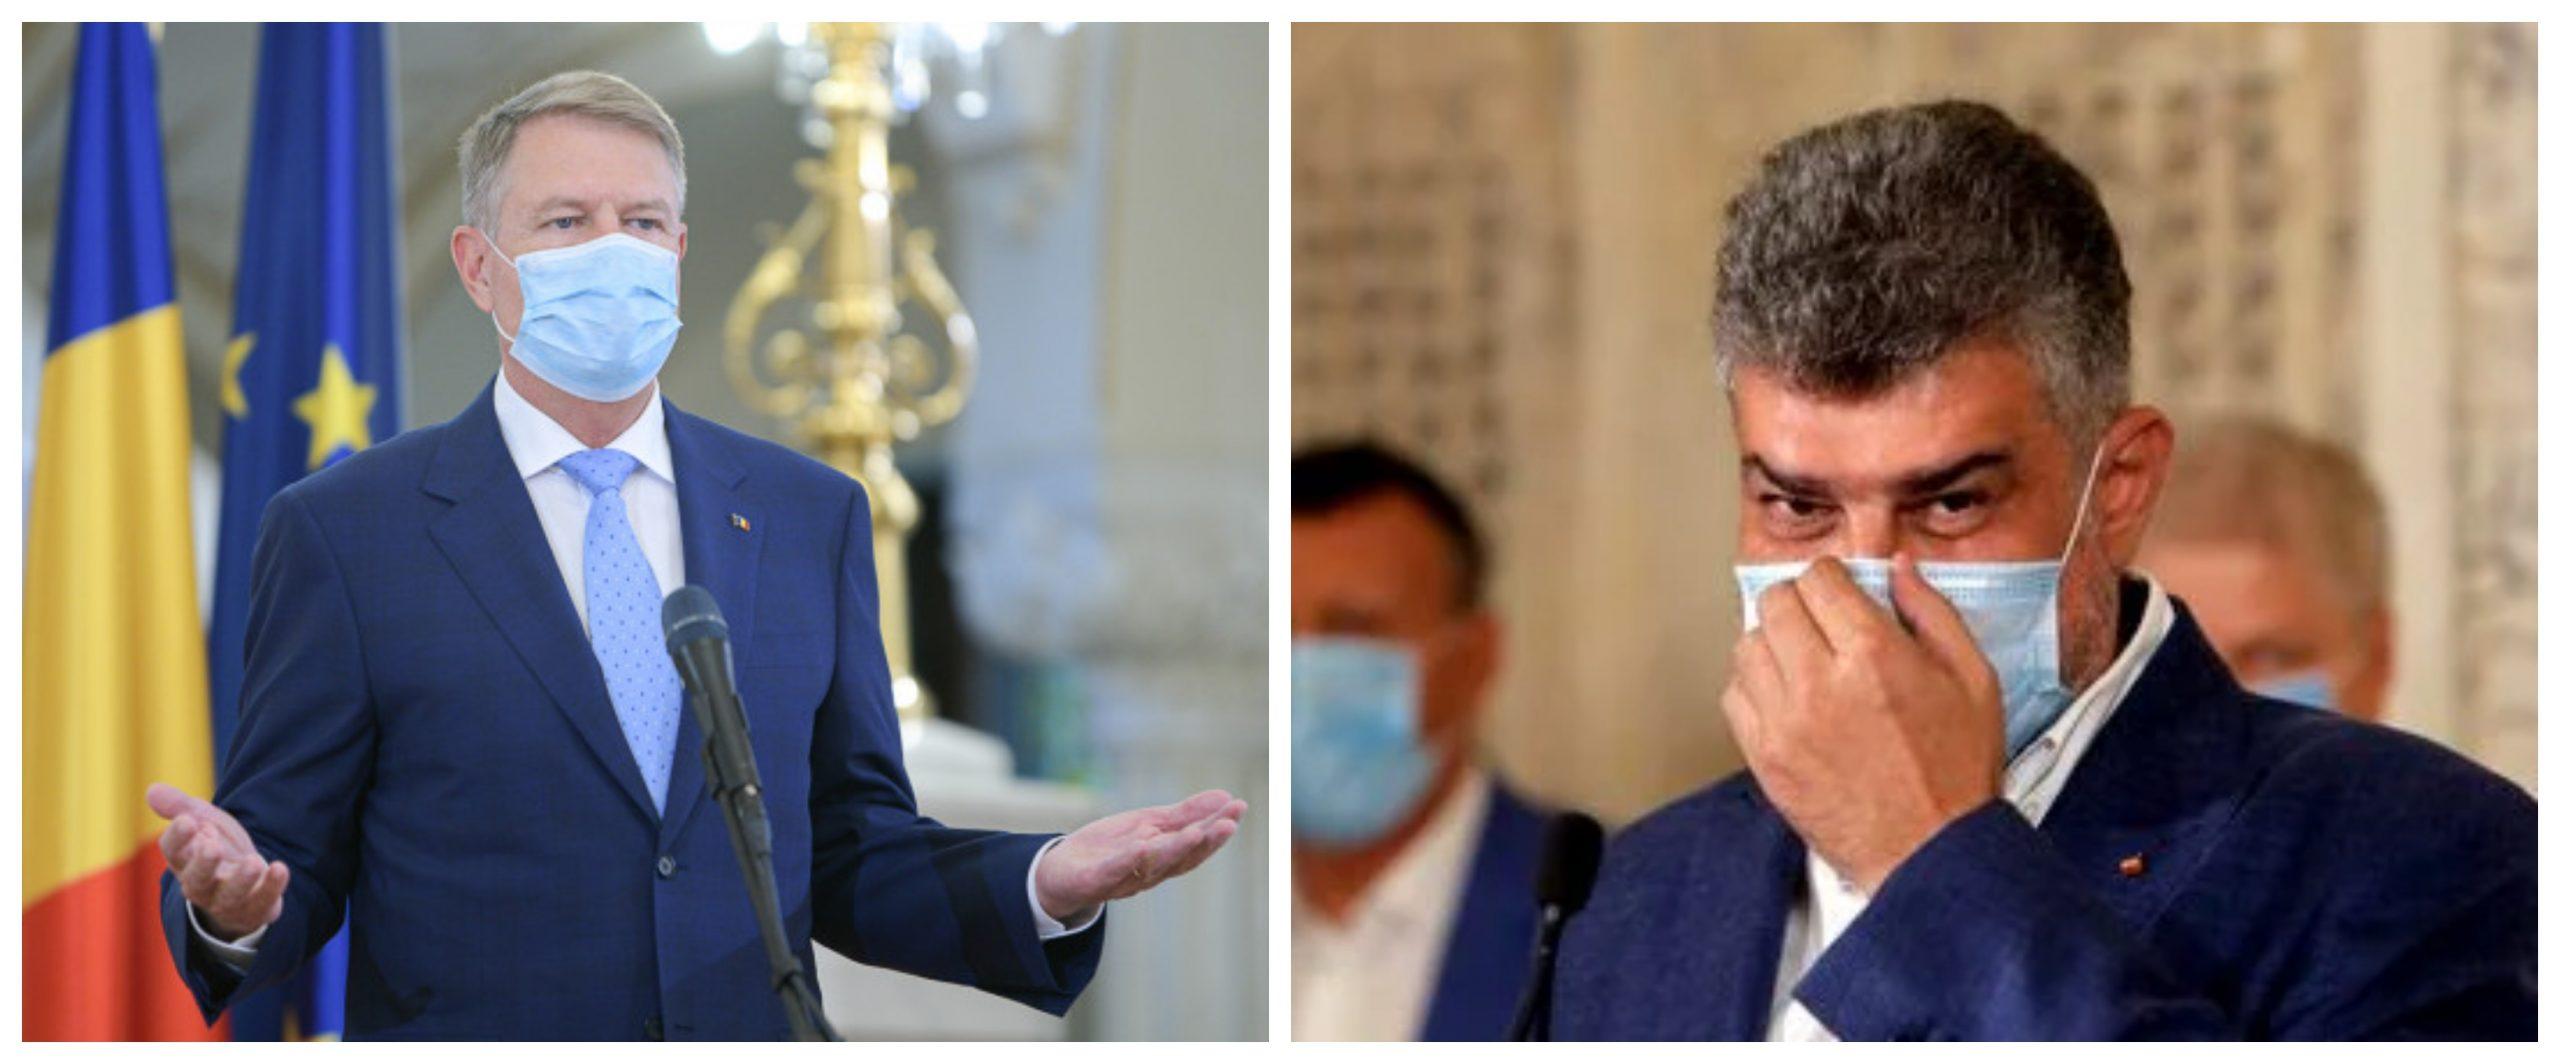 Au început consultările în vederea desemnării candidatului la funcția de prim-ministru. De ce a avut PSD primul cuvânt